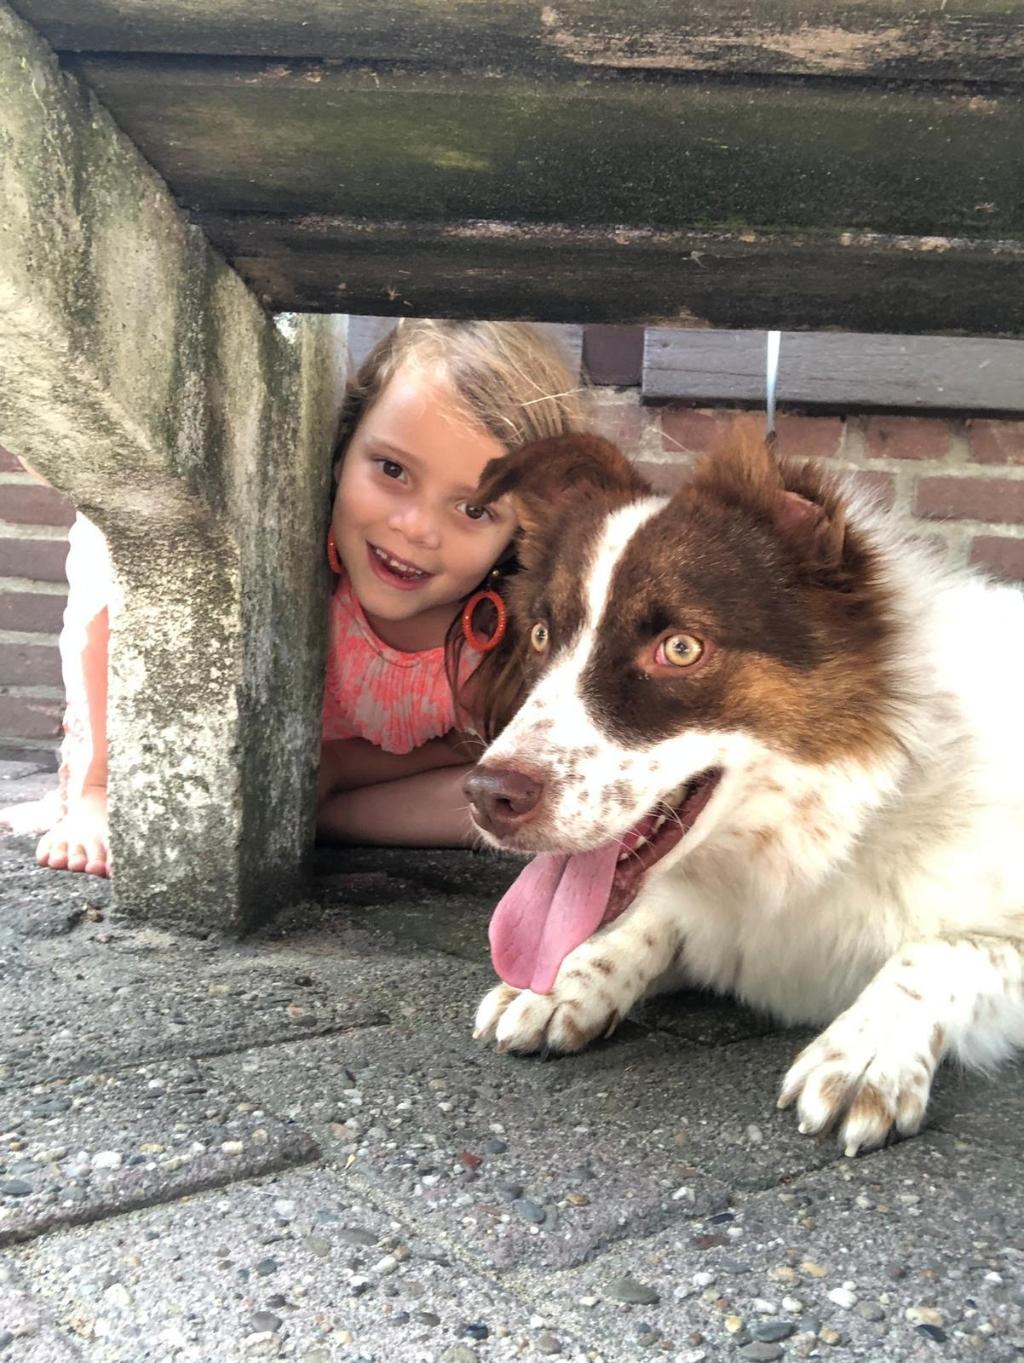 Hierbij een foto van mijn hond Robbie met mijn kleine vriendinnetje Nikki. Robbie is een bang hondje dus dacht Nikki, dan ga ik bij hem onder de bank zitten. Gezellig  Rietje Brink © BDU media